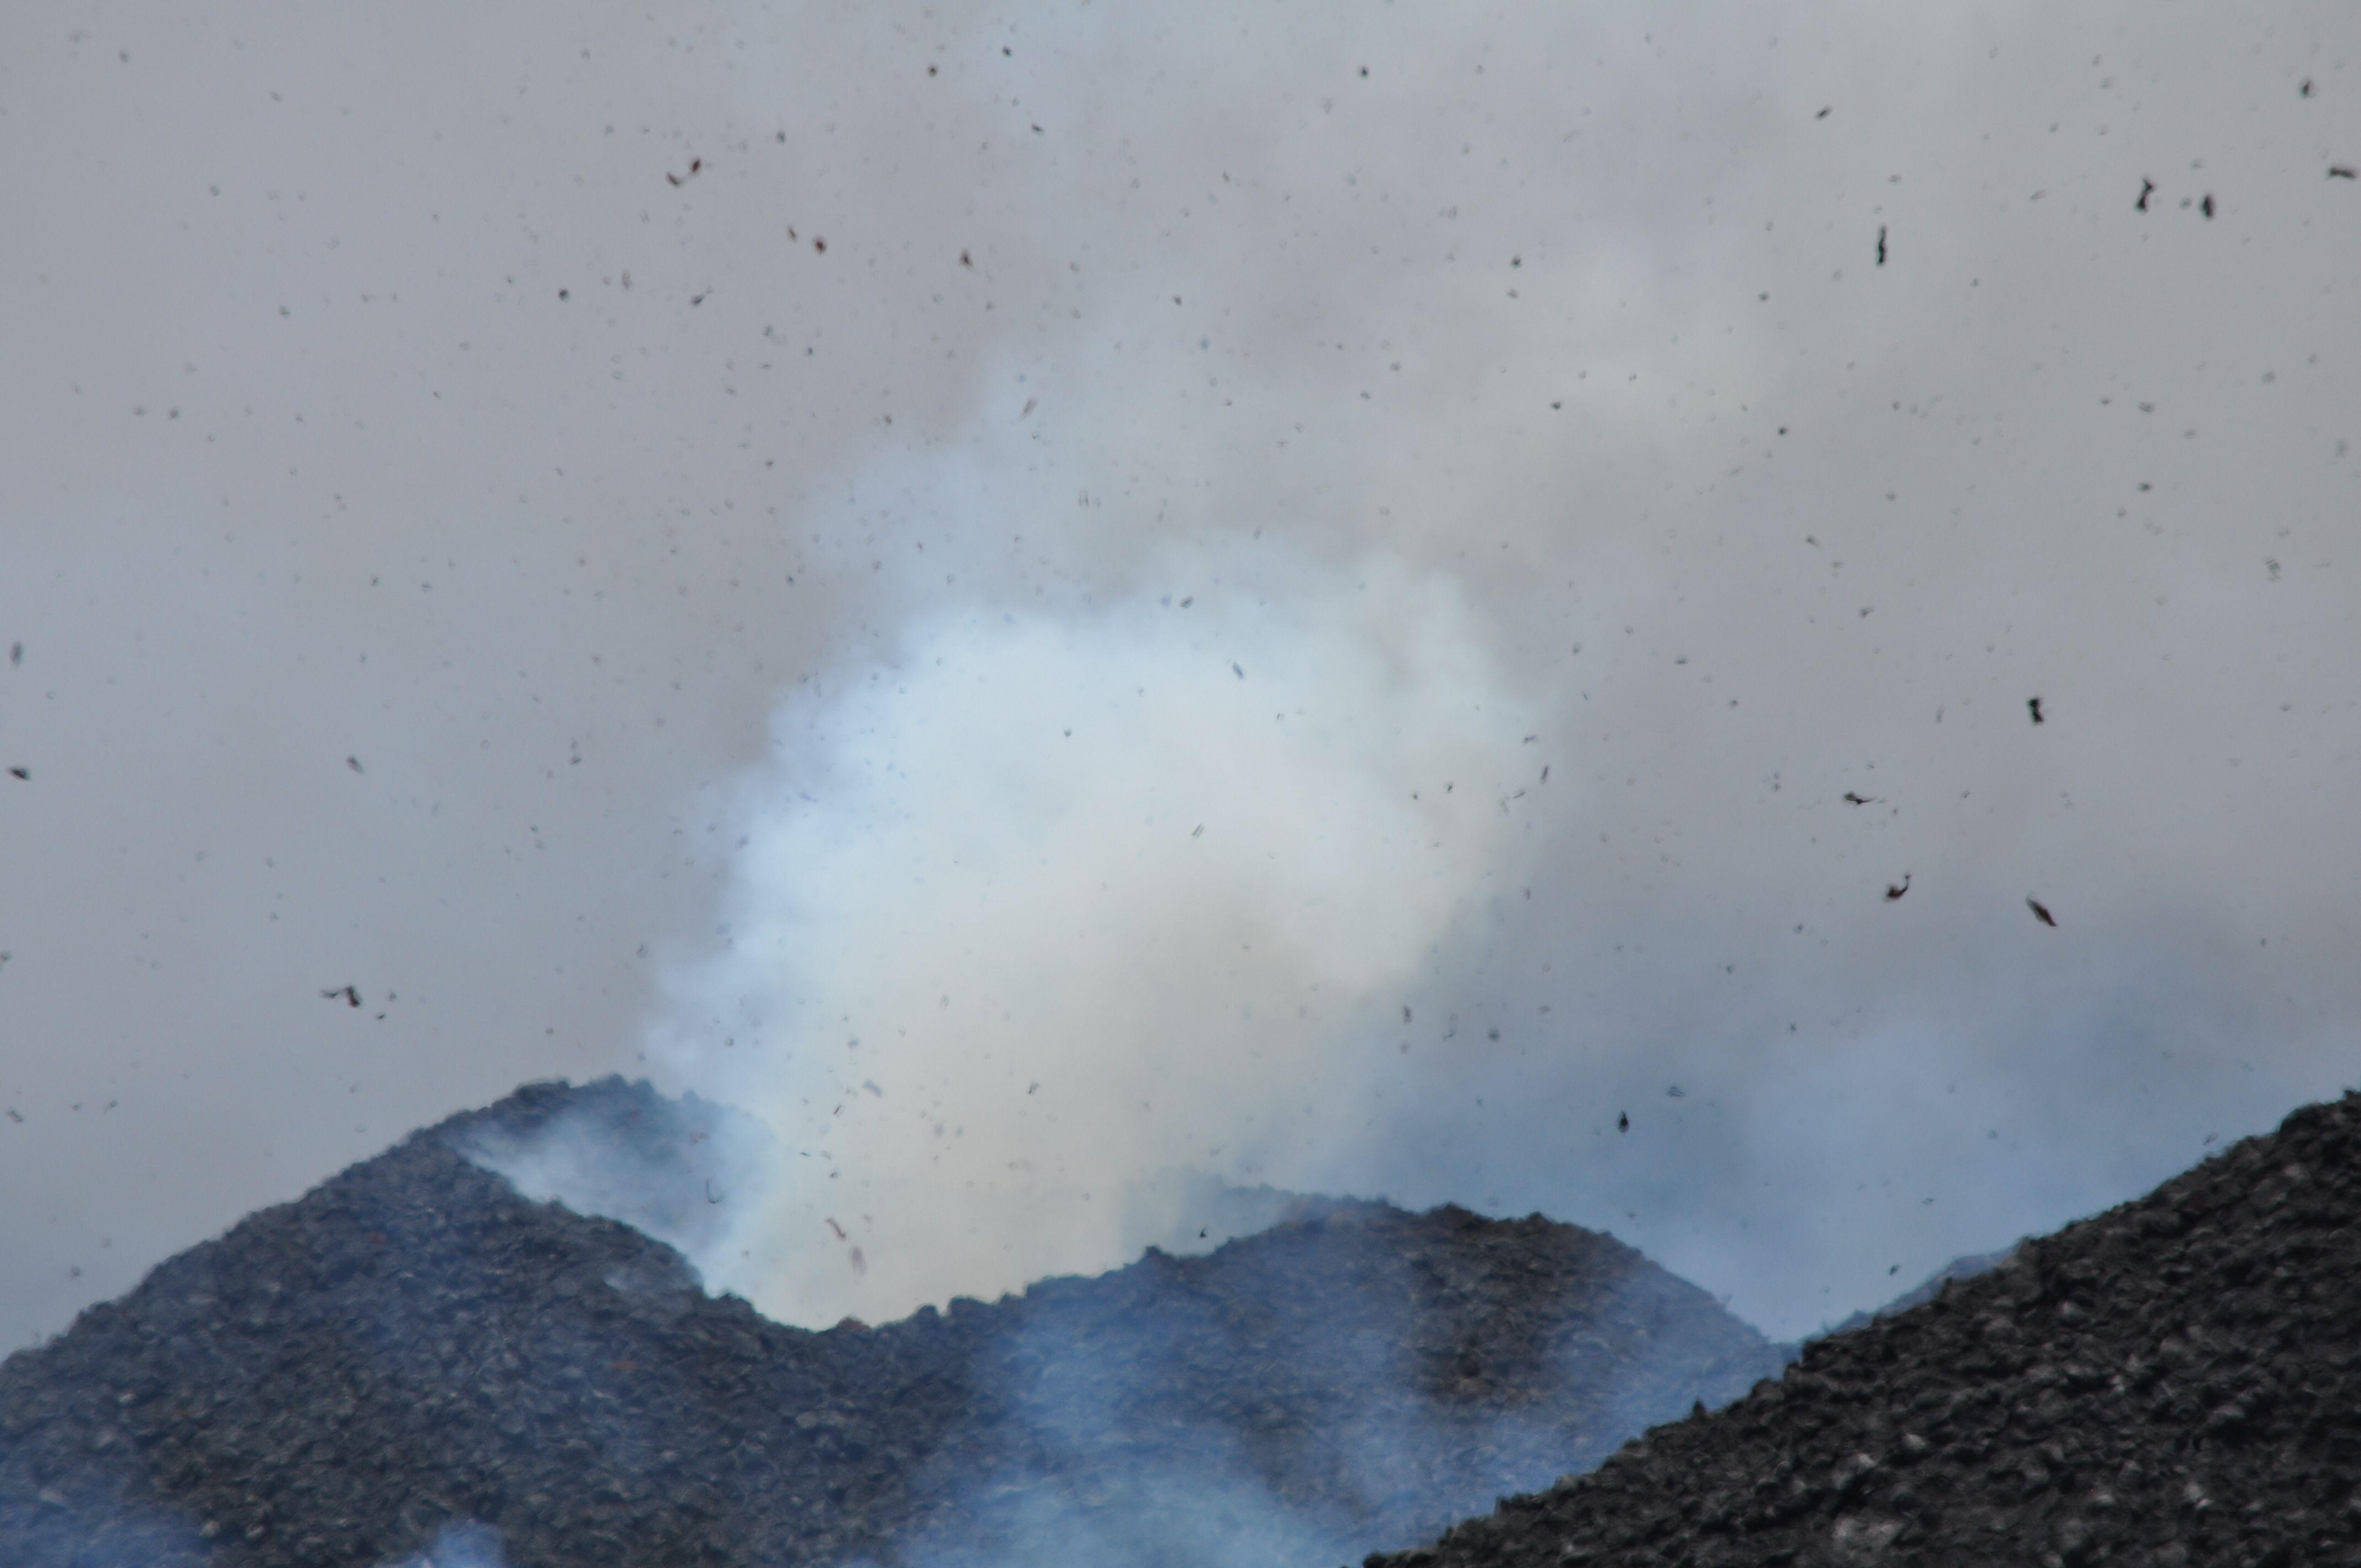 Le nouveau cratère de l'Etna, juillet 2014